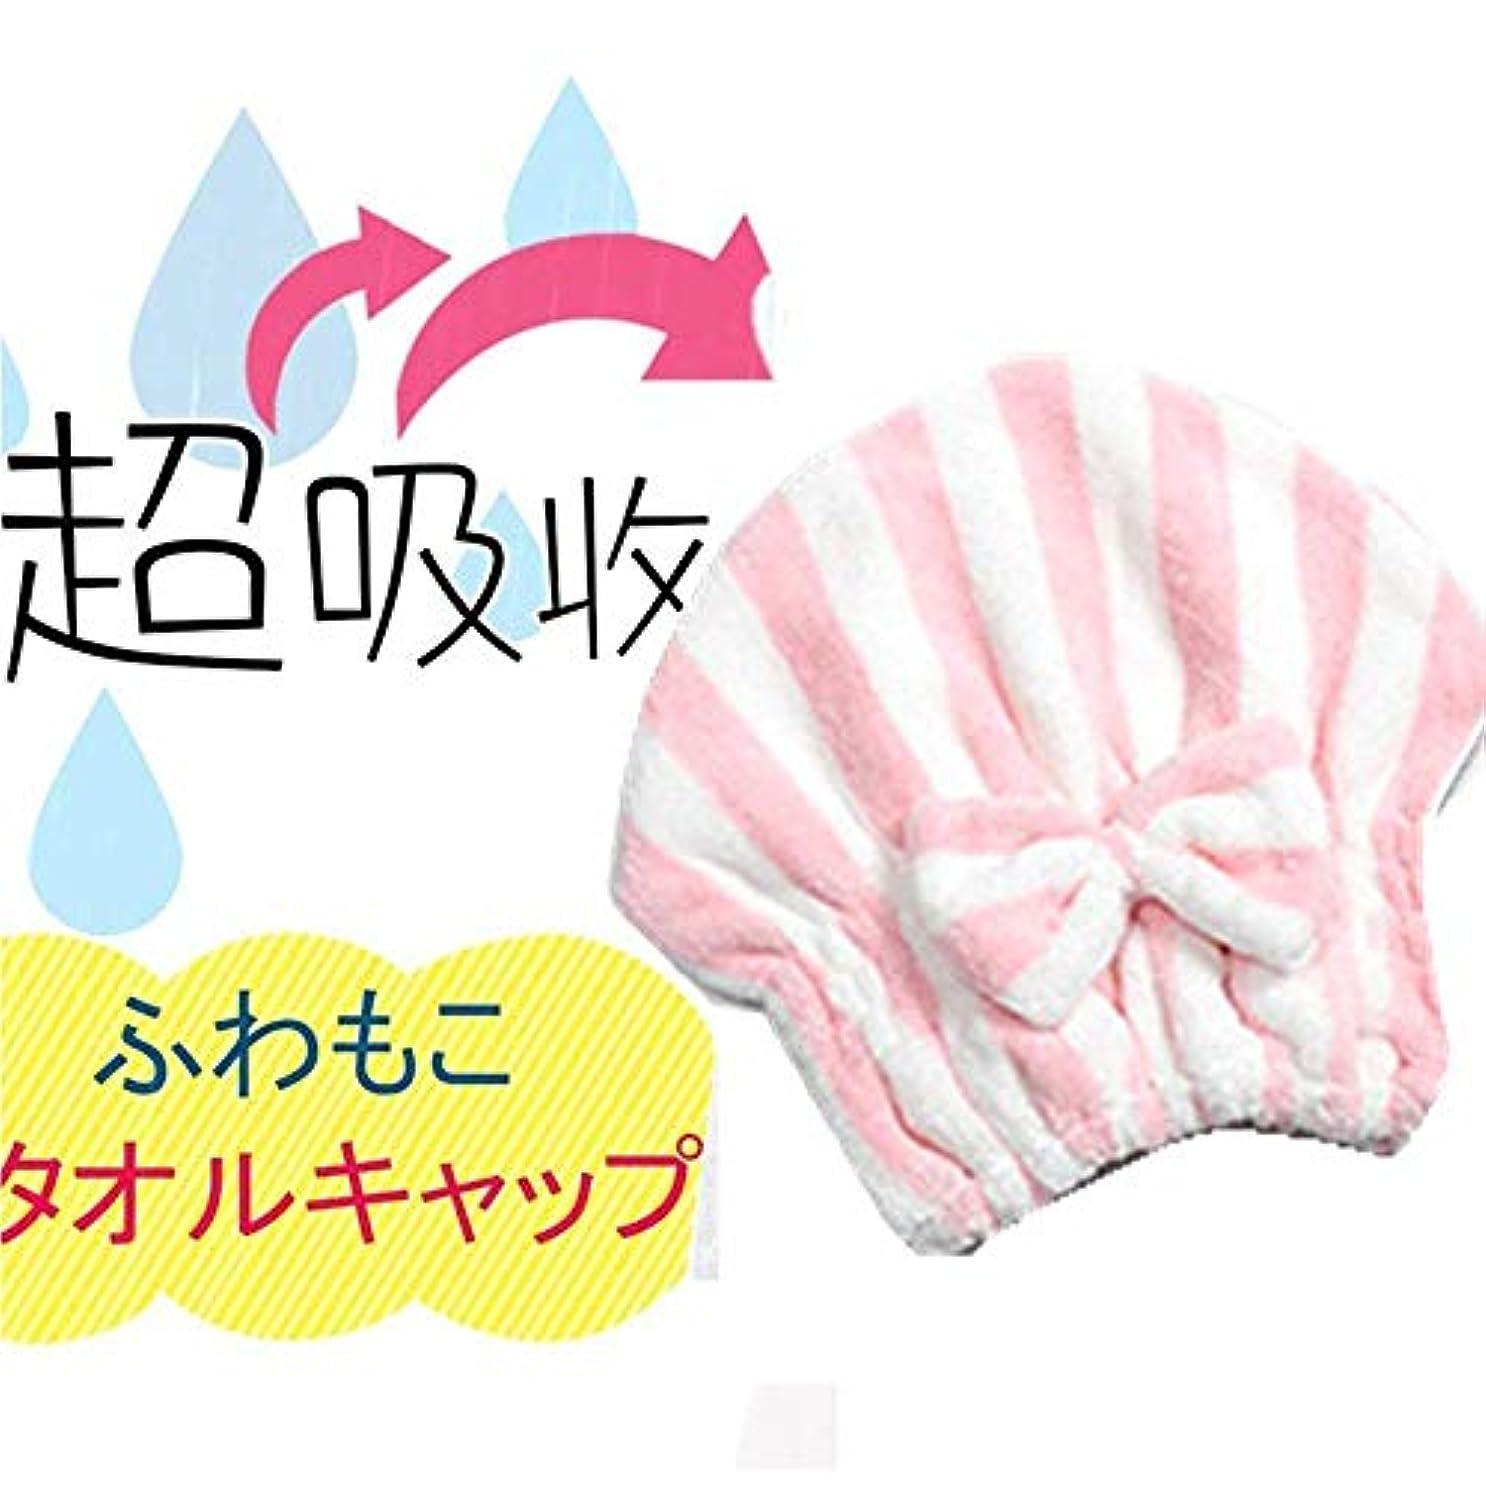 ルアージョージバーナードガイドタオルキャップ ドライキャップ ヘアキャップ 吸水タオル シャワーキャップ 大人も子供も使える 風邪を防ぐ 吸水 速乾 髪 ふわもこ ドライキャップ ヘアターバン 強い吸水性 お風呂上がり バス用品 3色あり (ピンク)